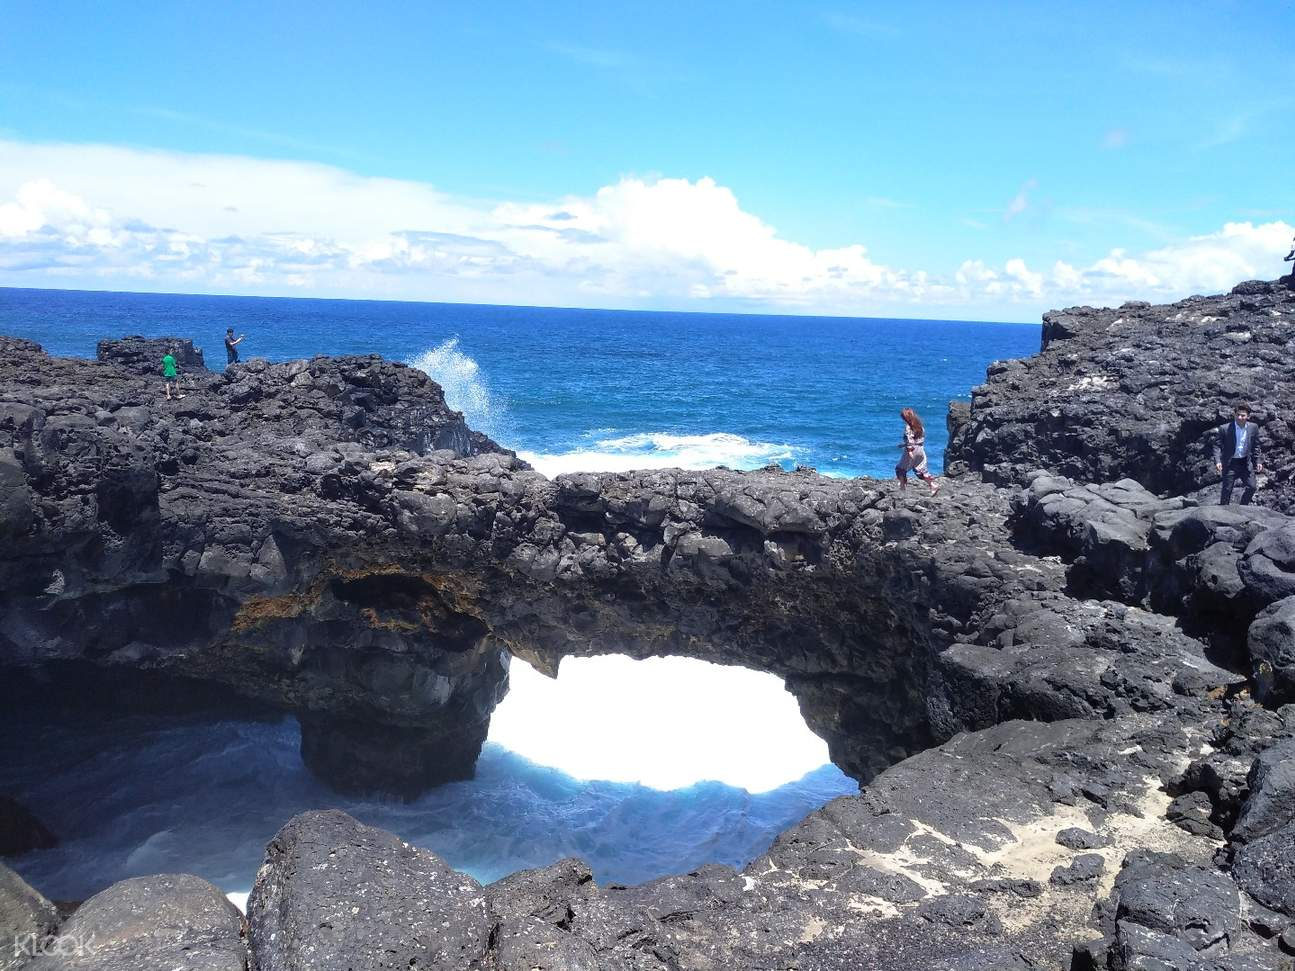 里求斯蓝湾,毛里求斯玻璃船,毛里求斯一日游,毛里求斯旅游,毛里求斯著名景点,